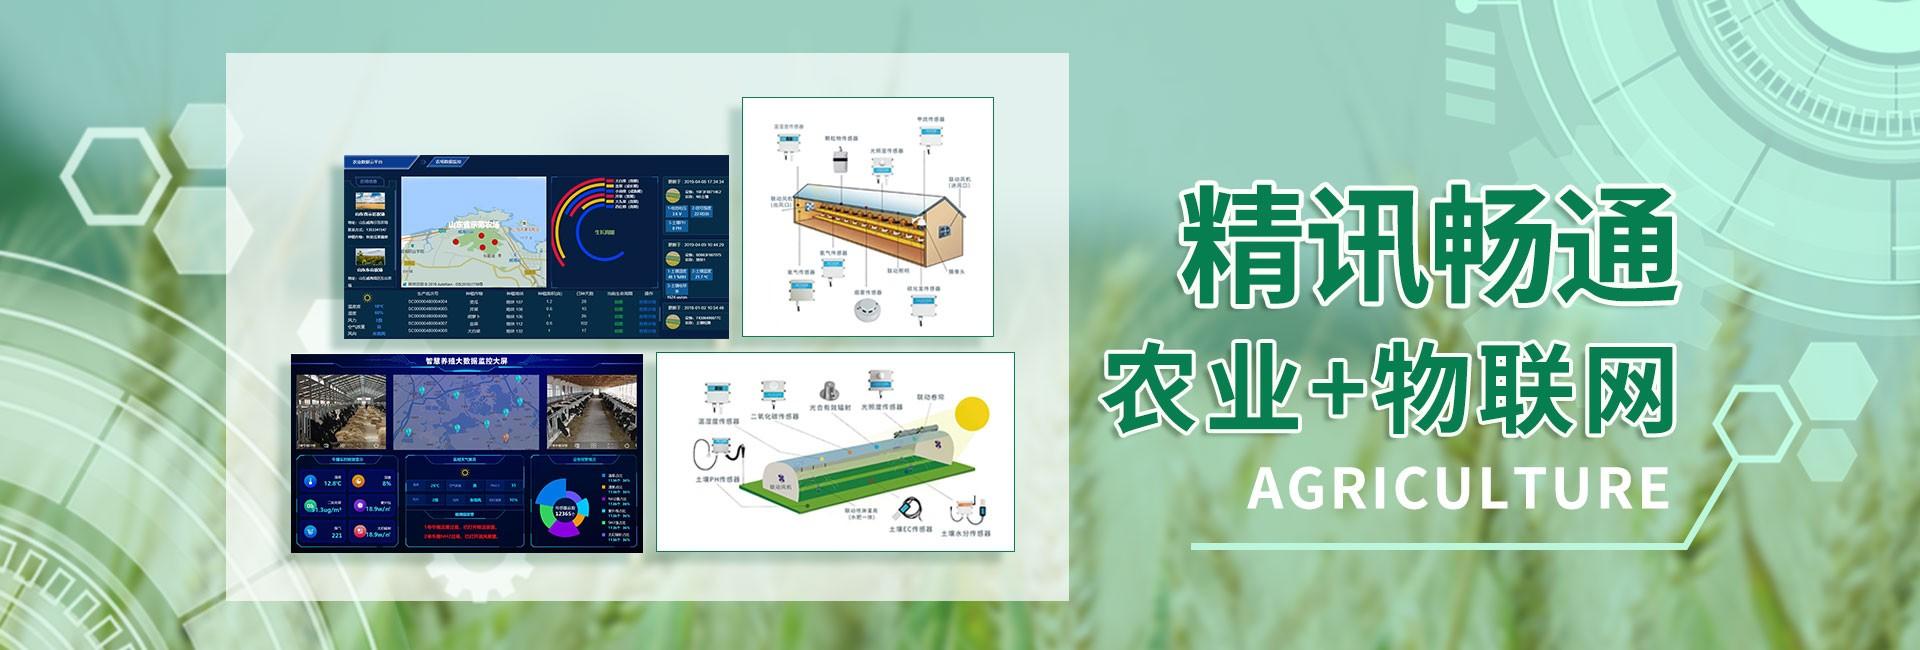 智慧农业_智慧灌溉